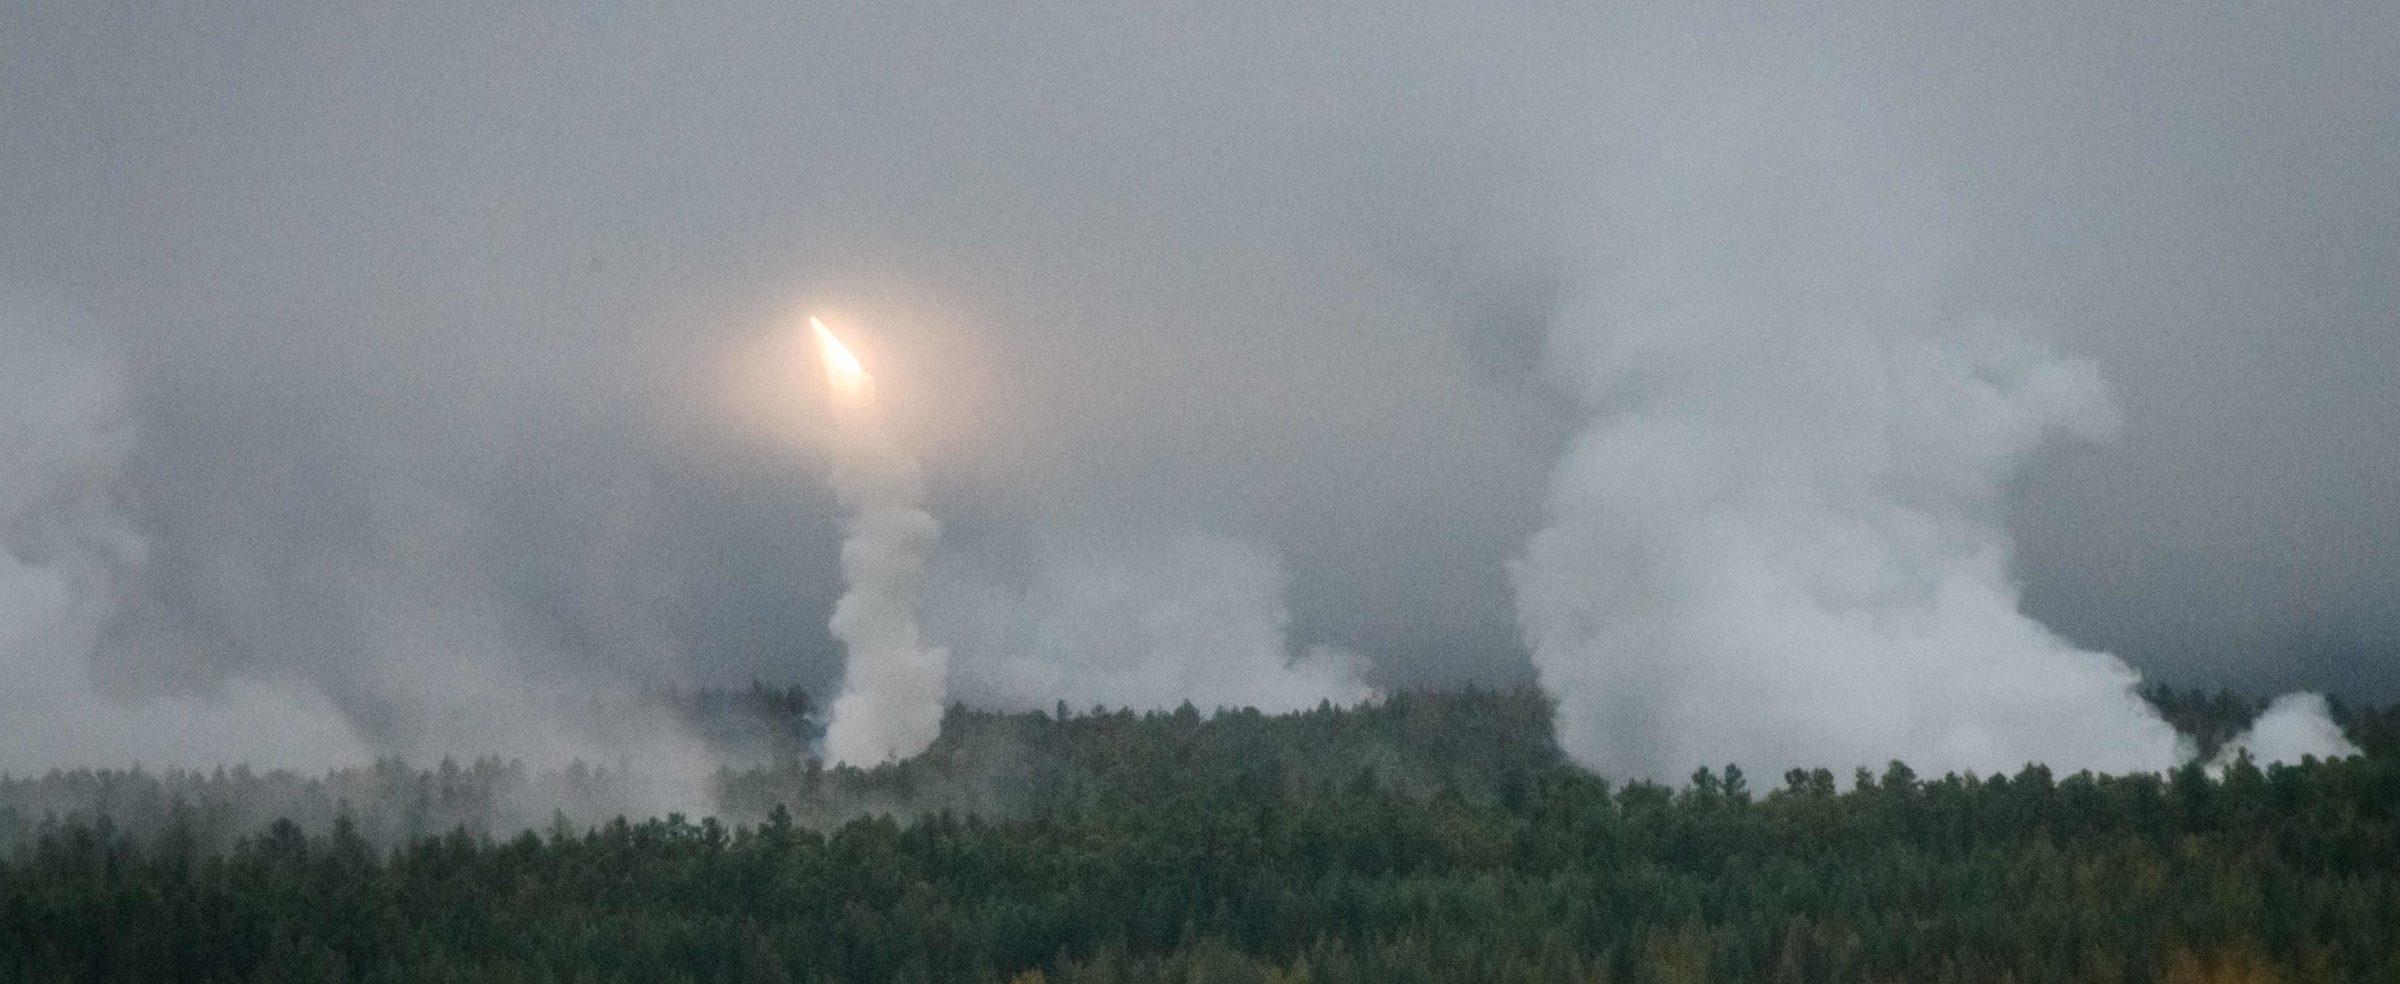 استراتژی موشکی و روابط جدید چین با روسیه